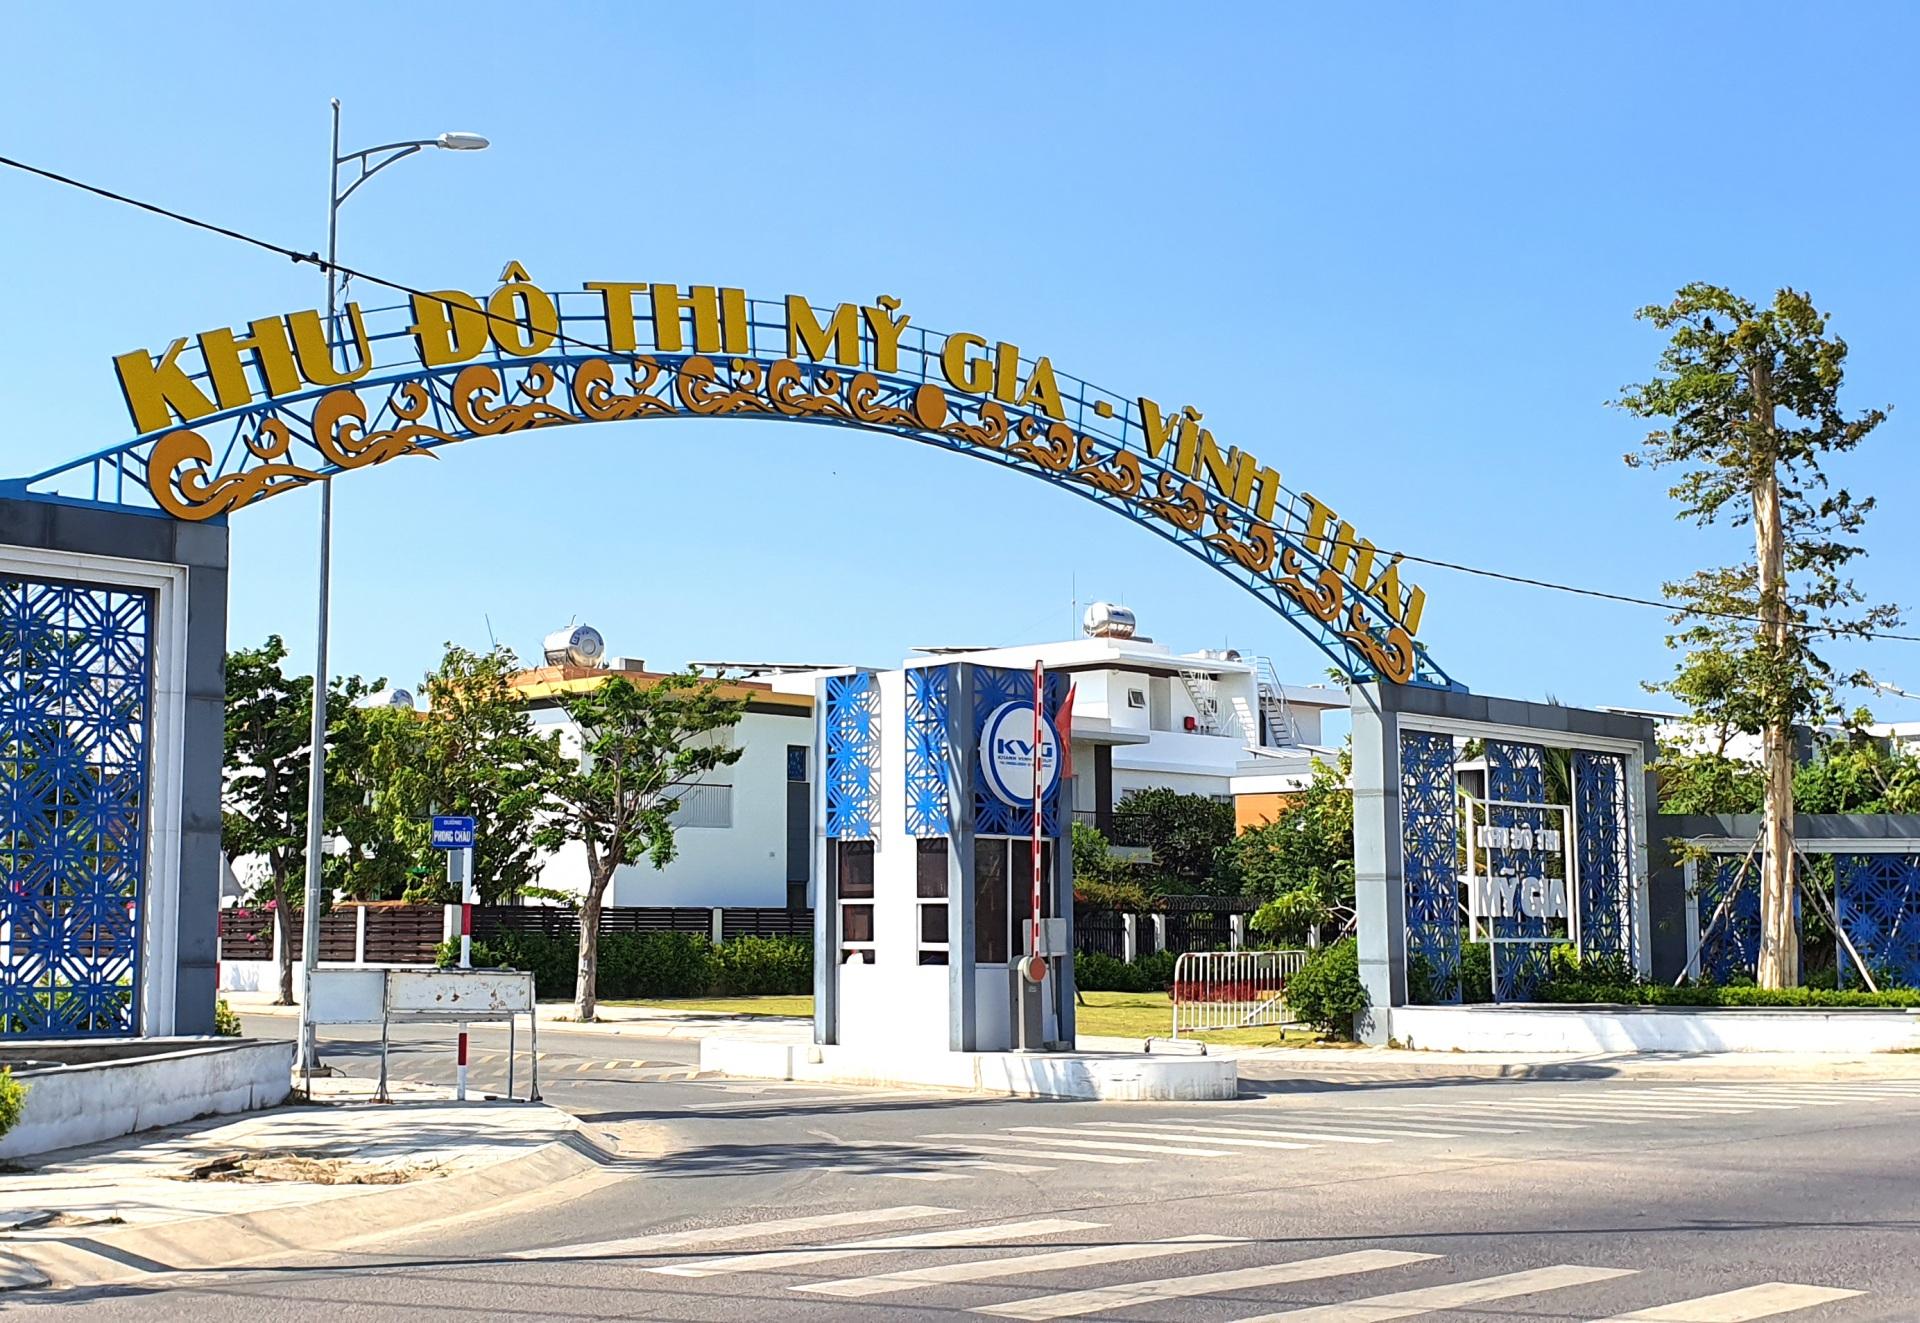 """Nha Trang - Khánh Hòa Một phần """"Dự án Khu đô thị Mỹ Gia"""" và Công ty cổ phần phát triển đô thị Vĩnh Thái tiếp tục bị kê biên tài sản"""